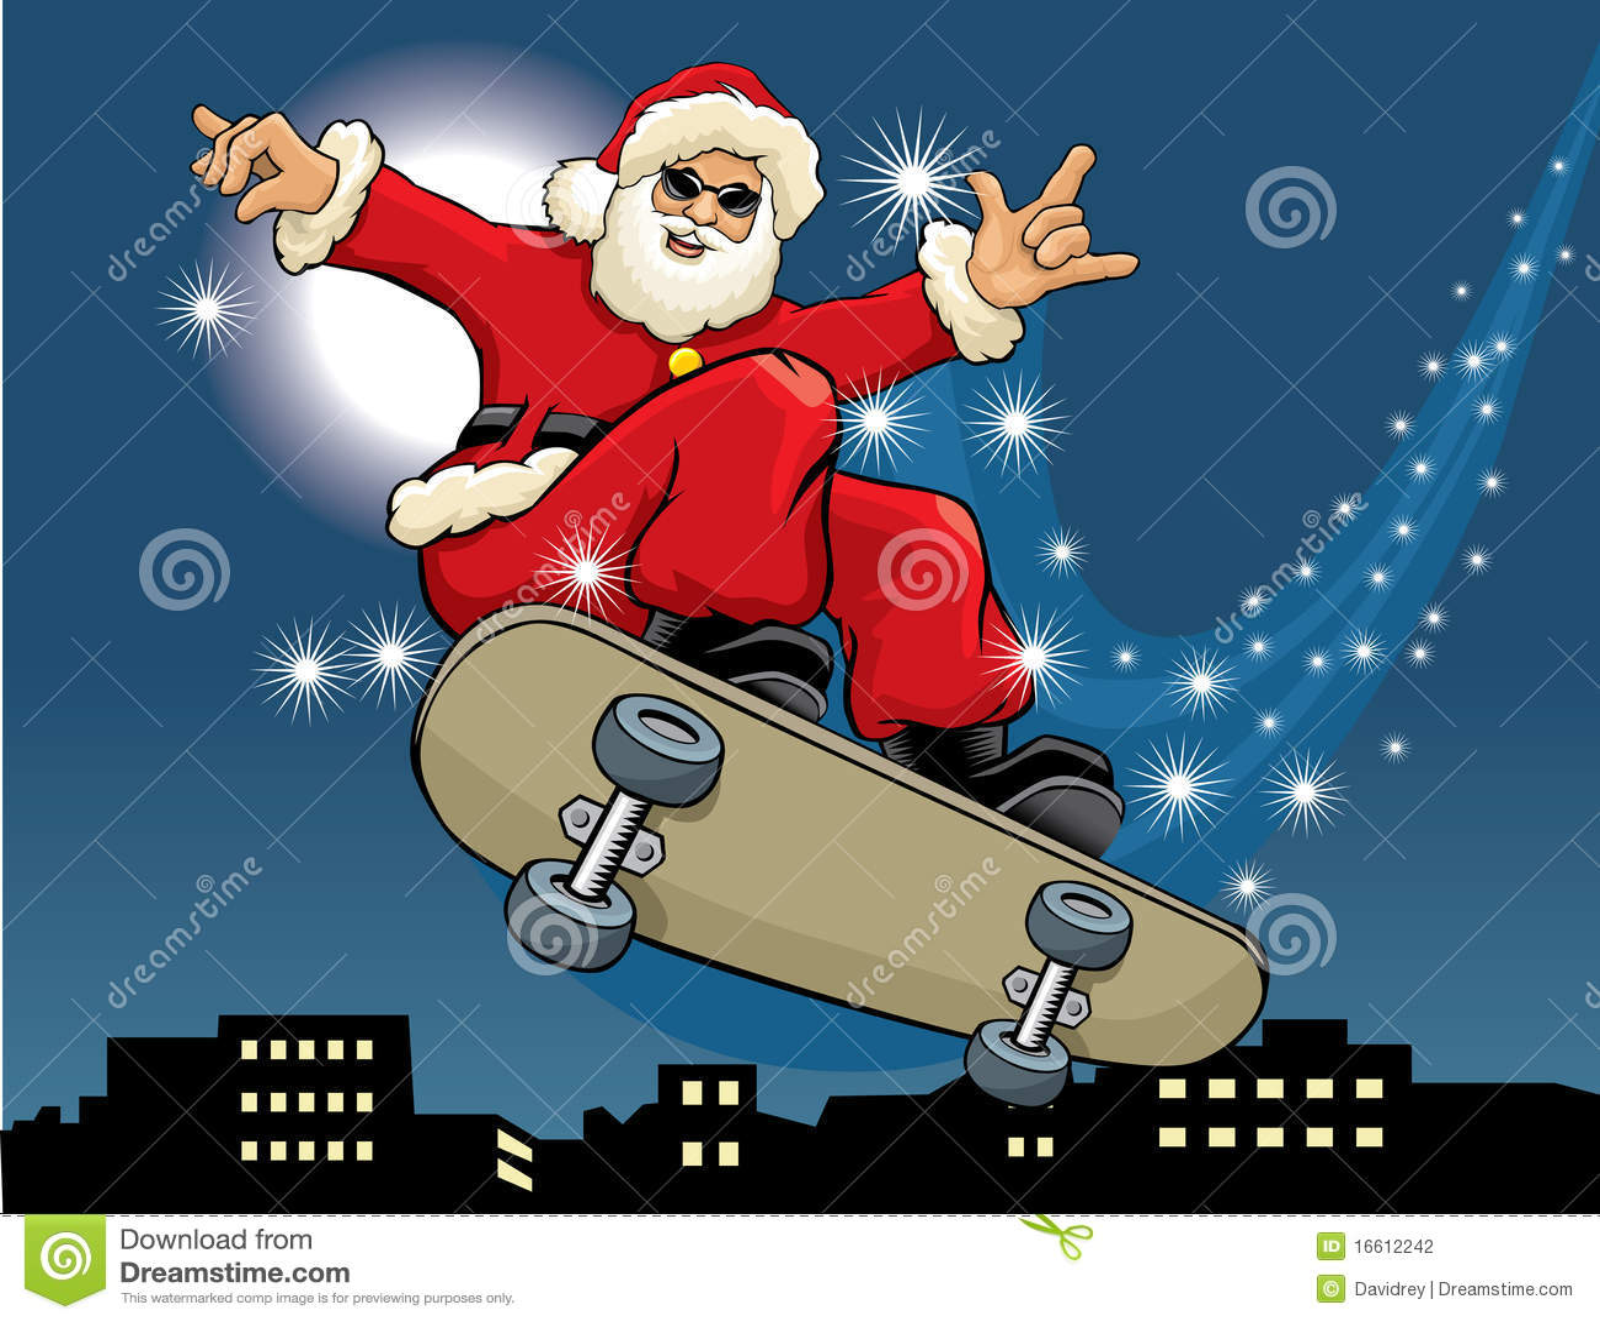 Skateboarding De Papai Noel Ilustrao Do Vetor Imagem